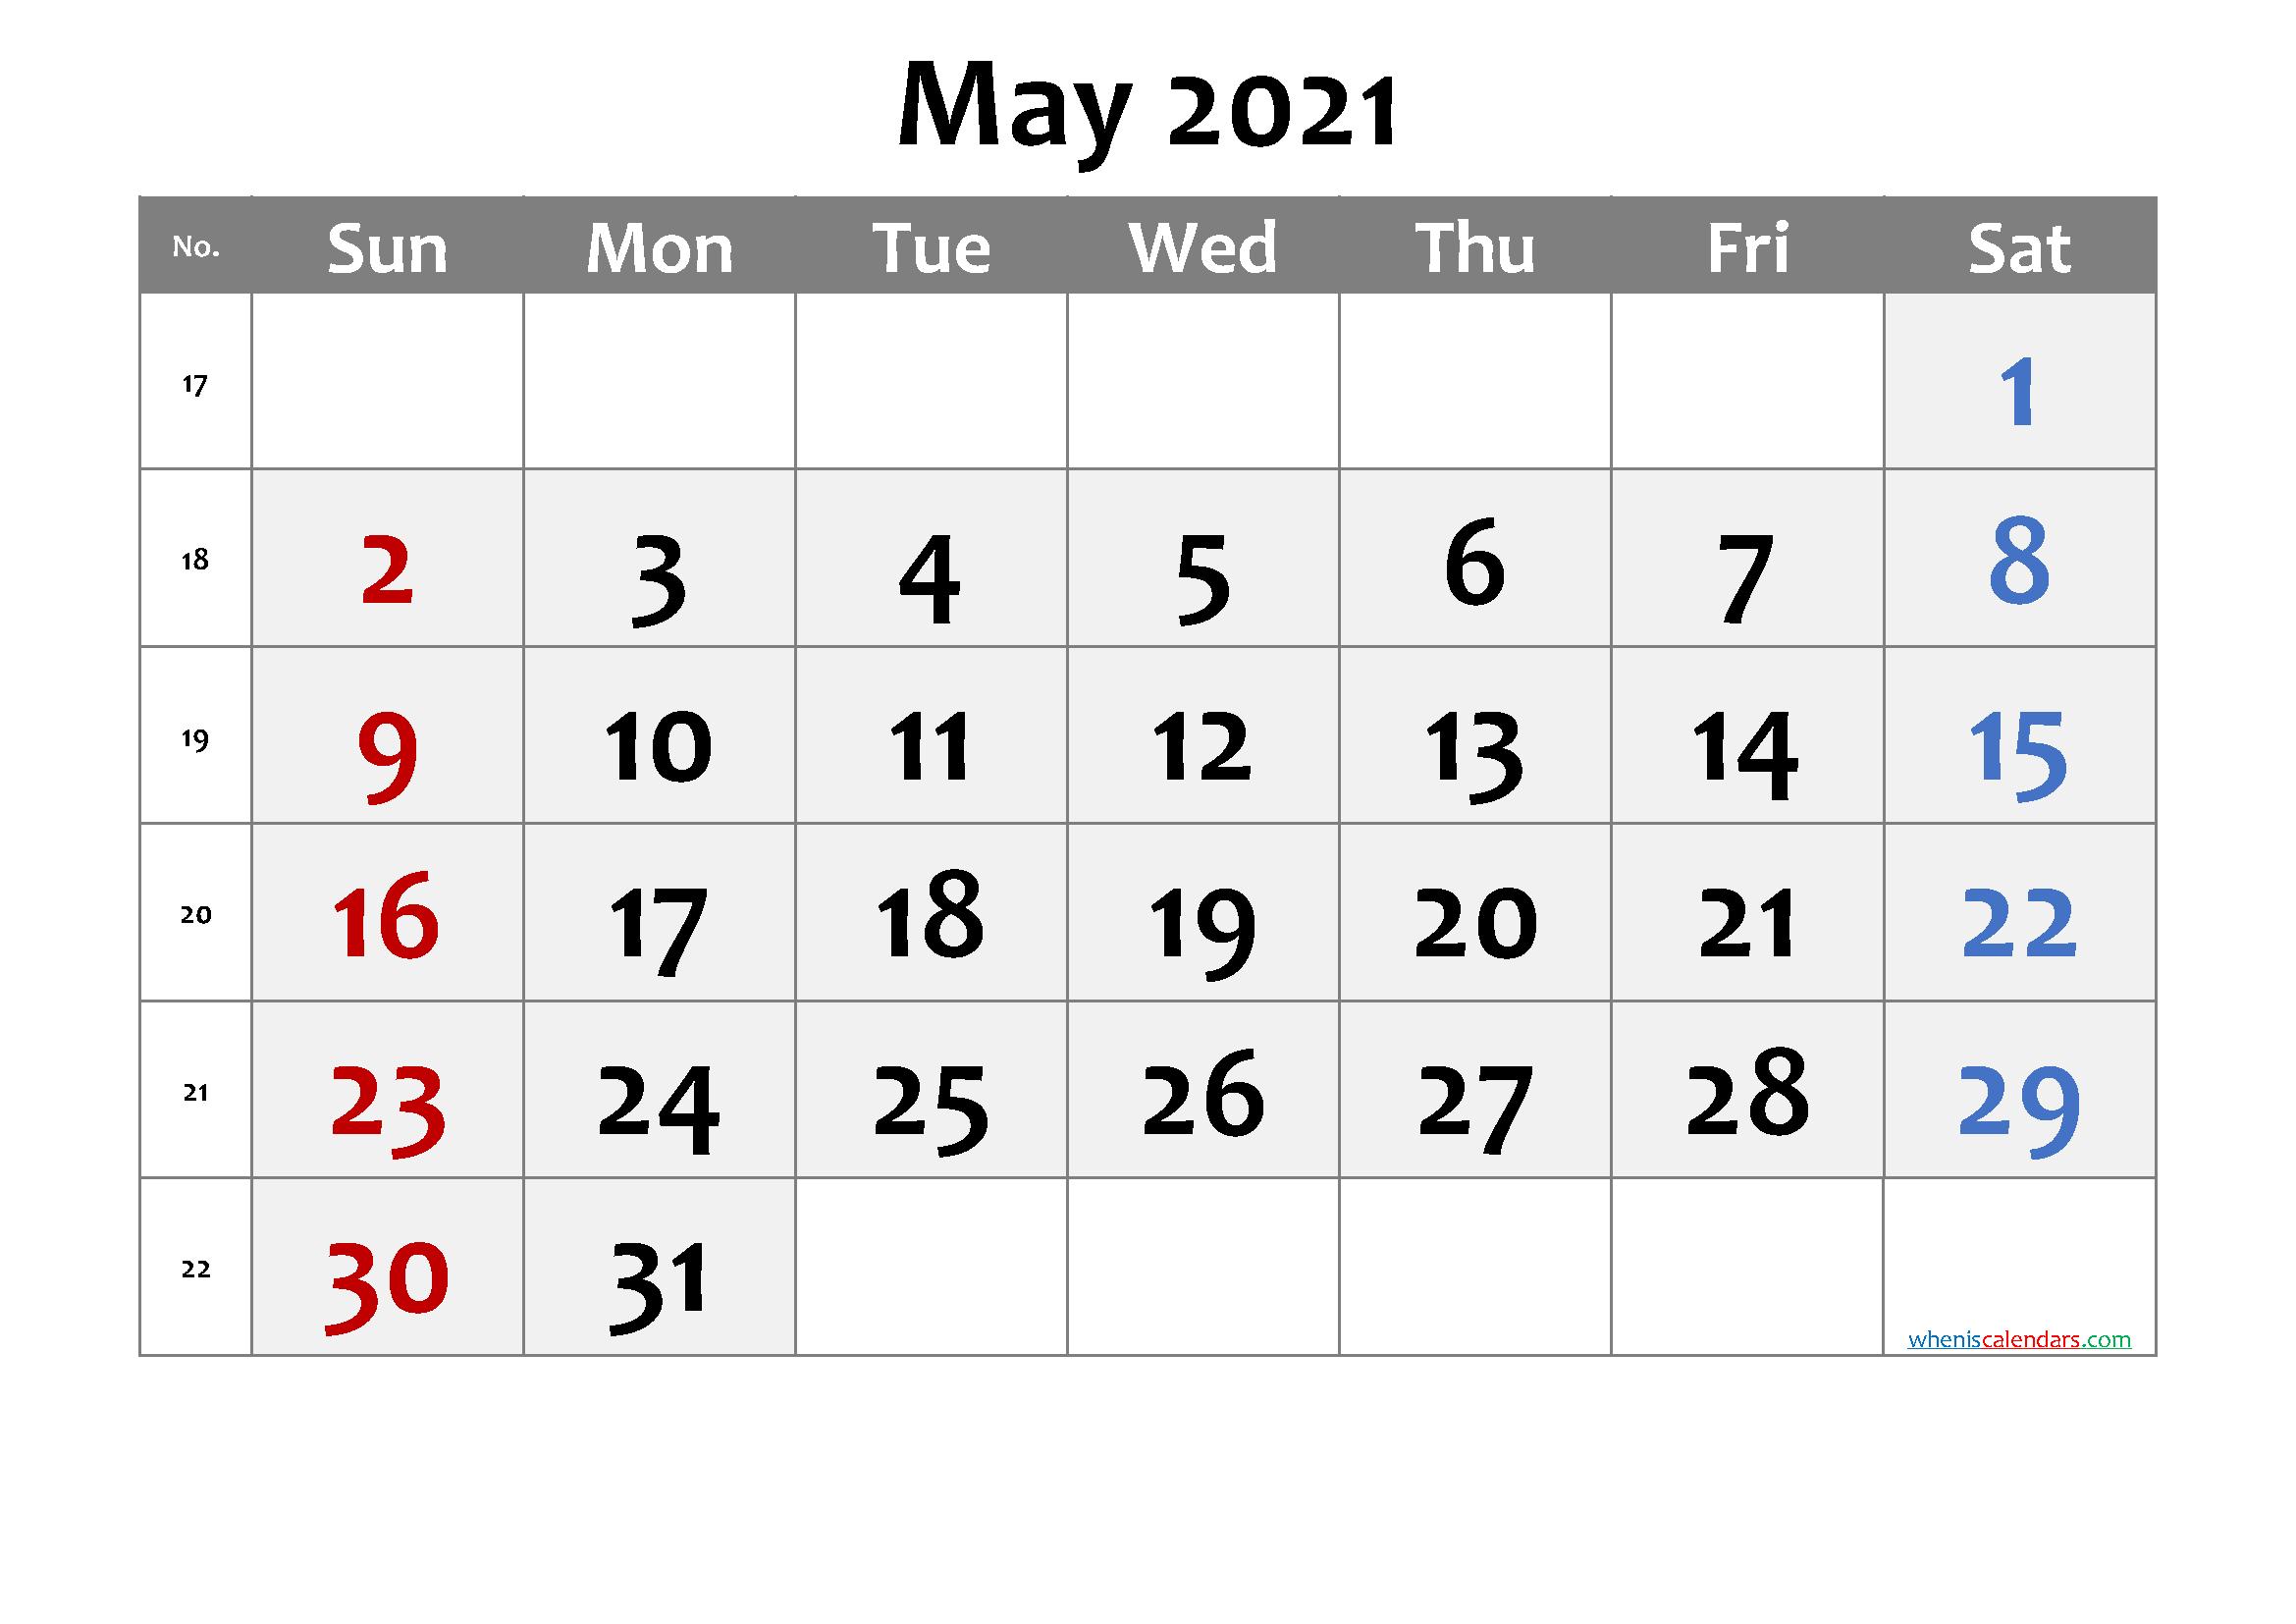 May 2021 Printable Calendar with Week Numbers